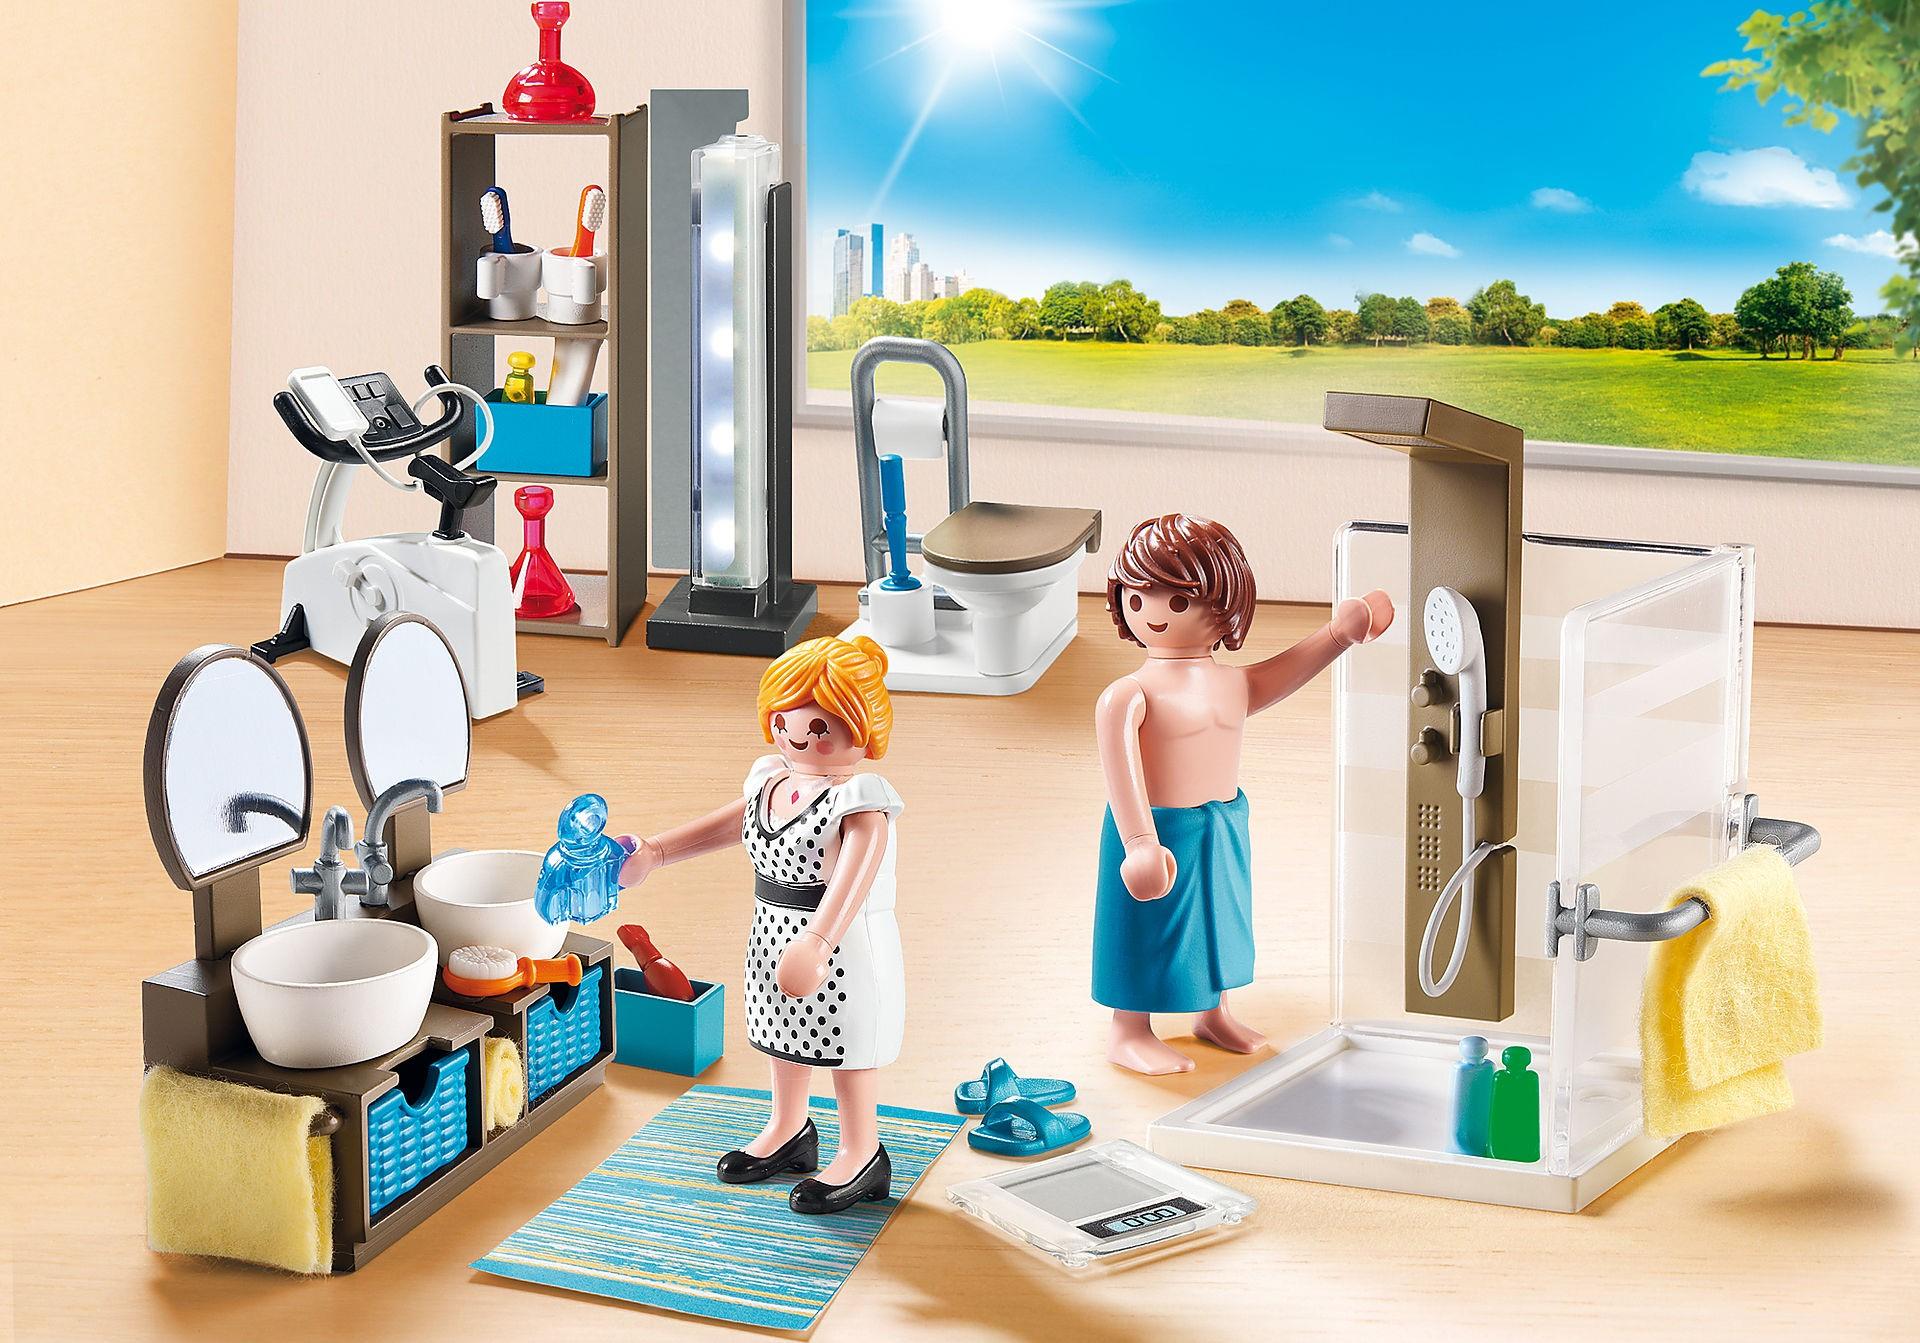 Salle de bain Playmobil.